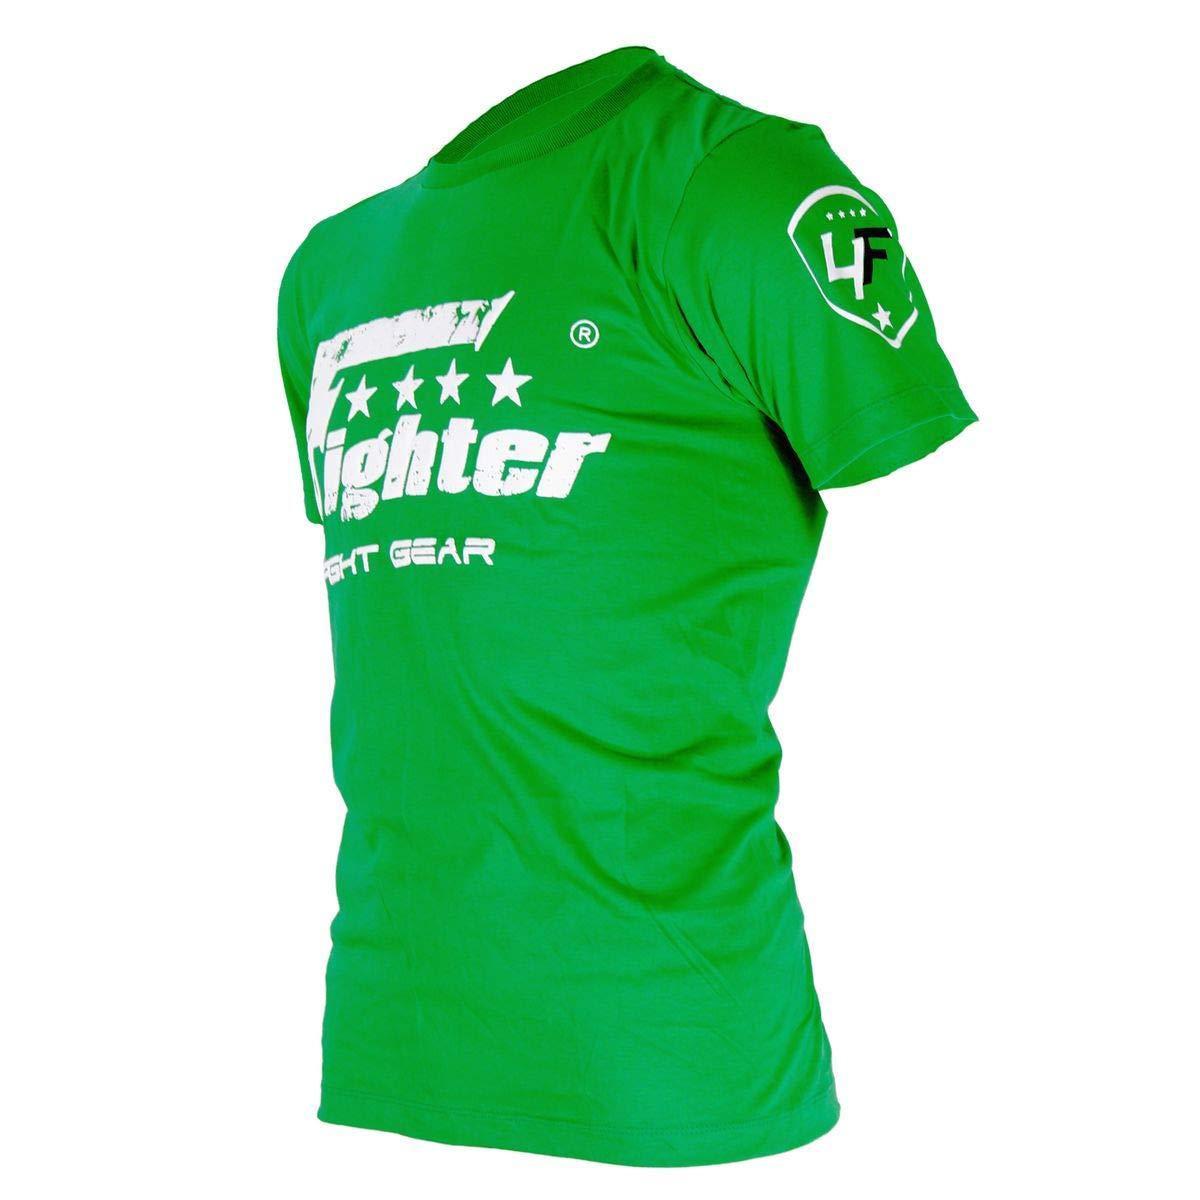 4Fighter T-Shirt de Color sólido Verde con Logo Blanco de impresión Used Look Talla XS-XXXL: Amazon.es: Deportes y aire libre